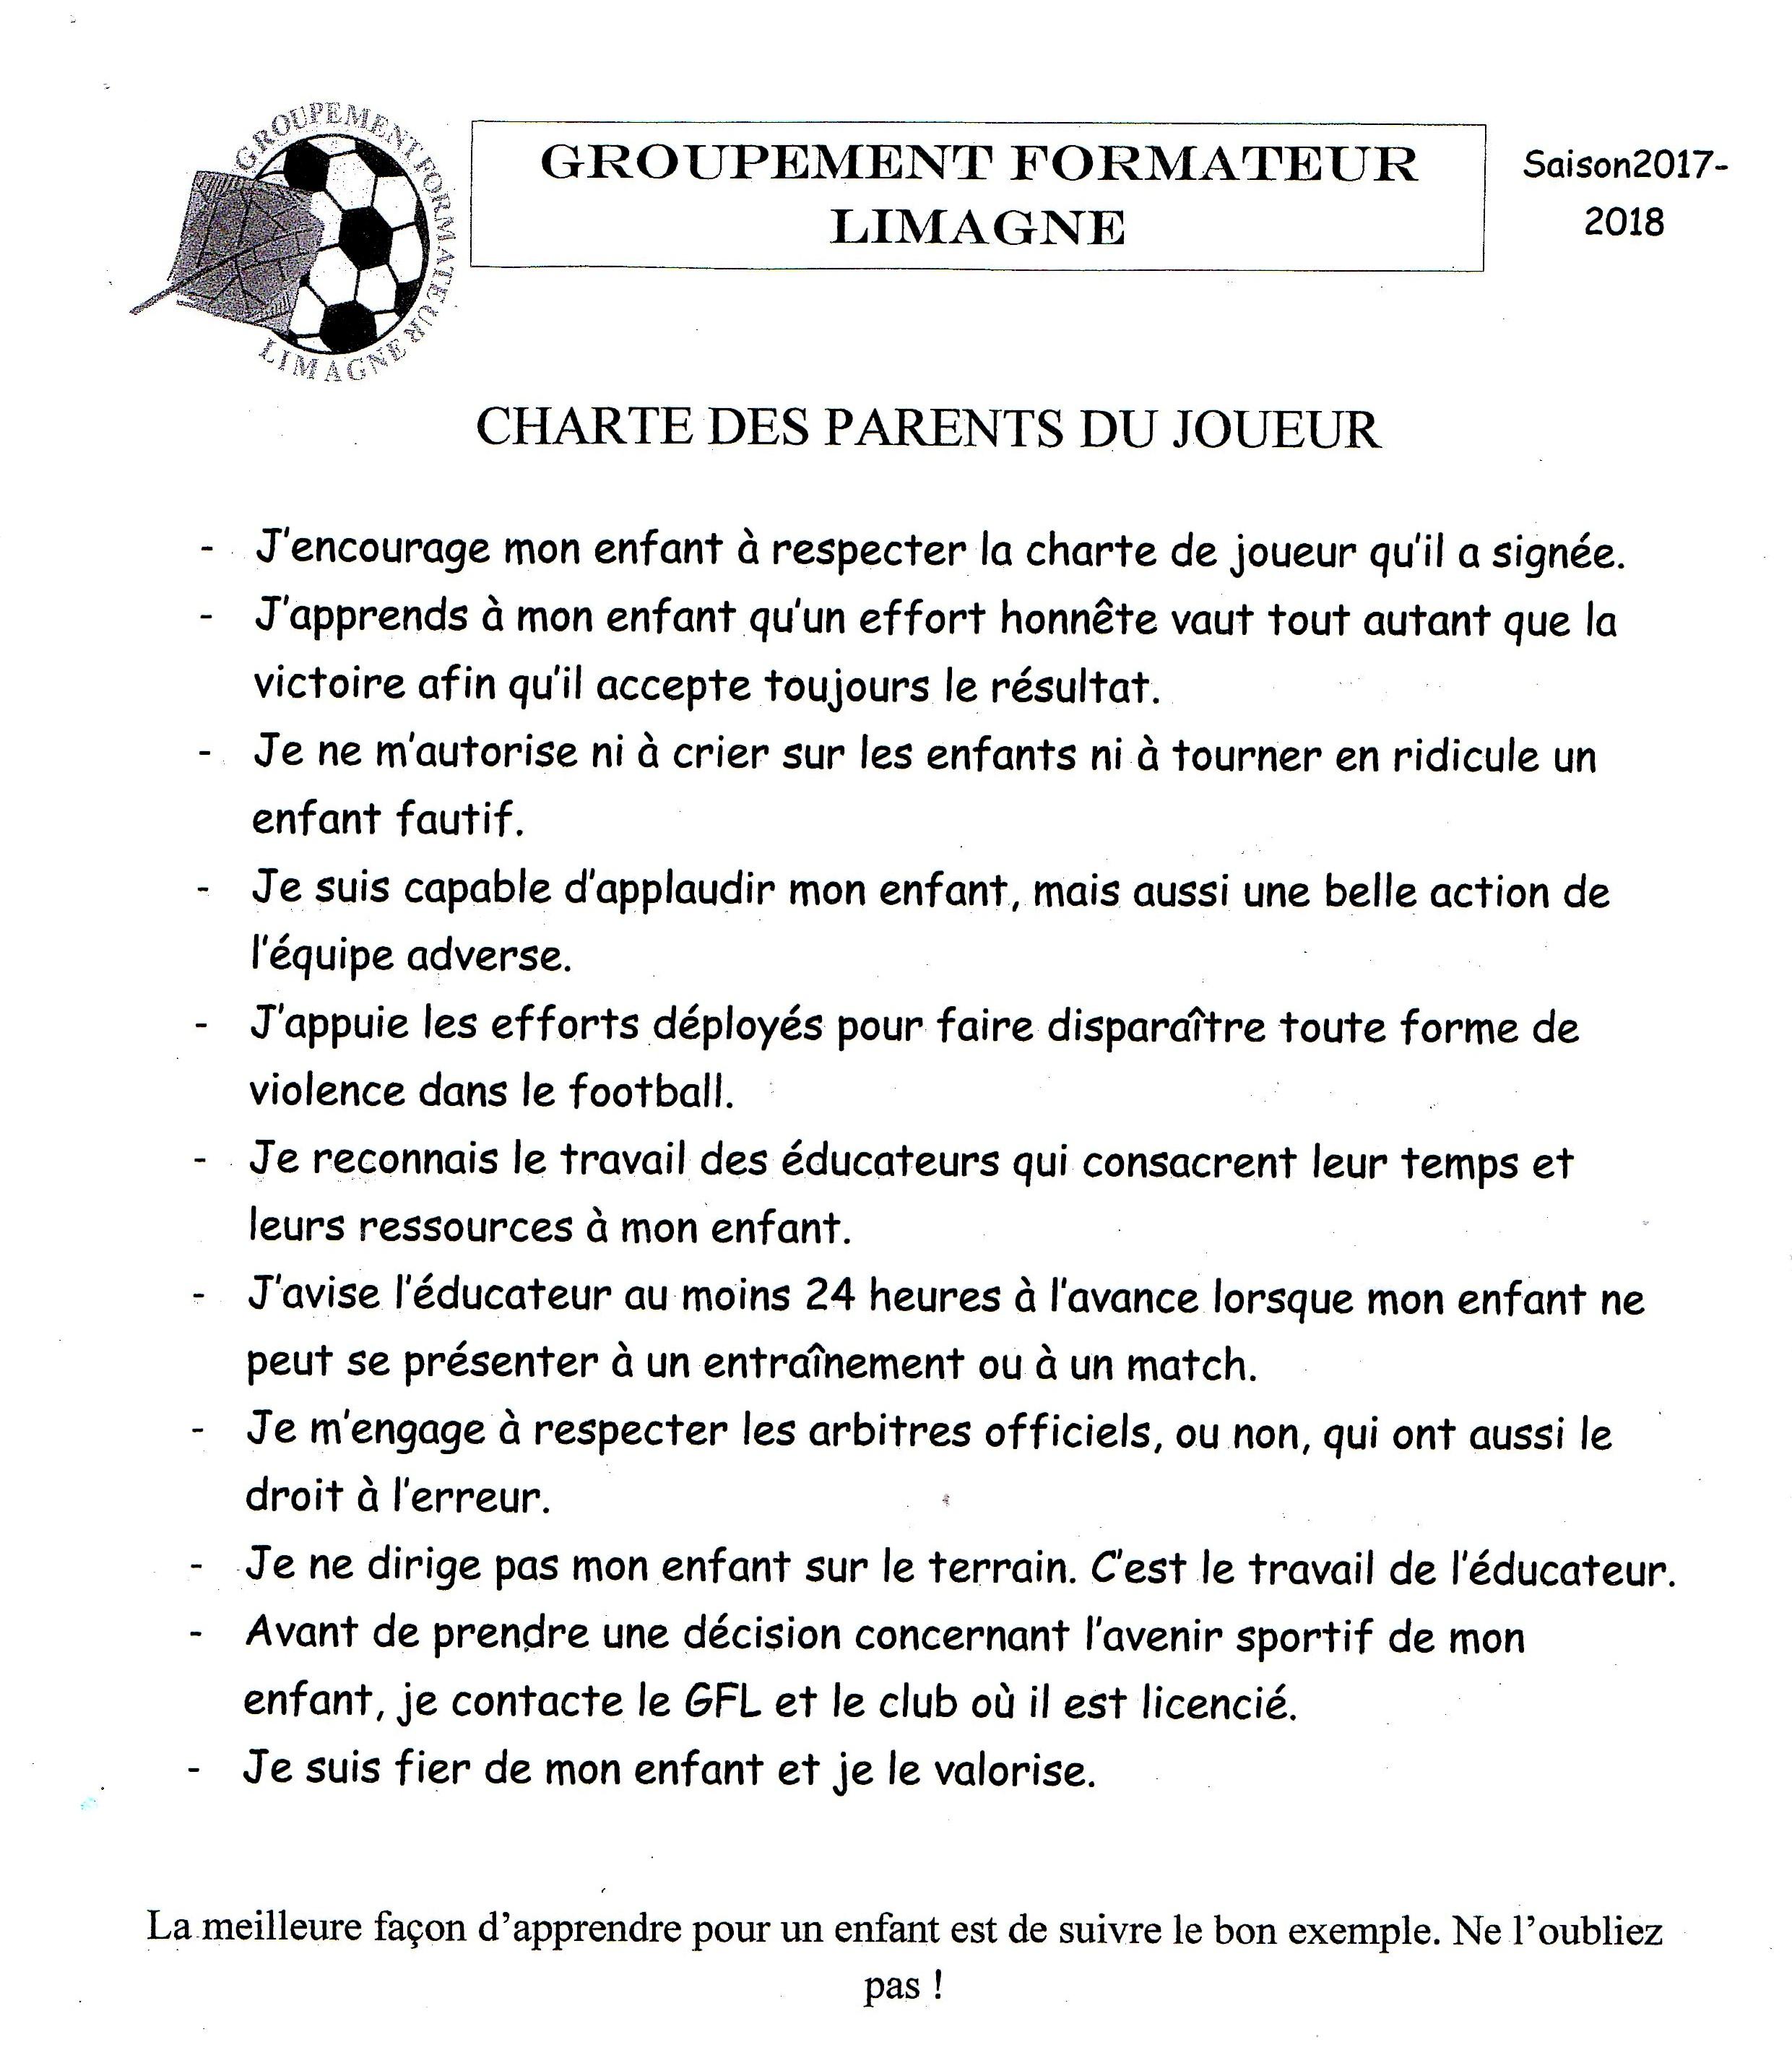 Charte des parents du joueur 2017-2018.jpg